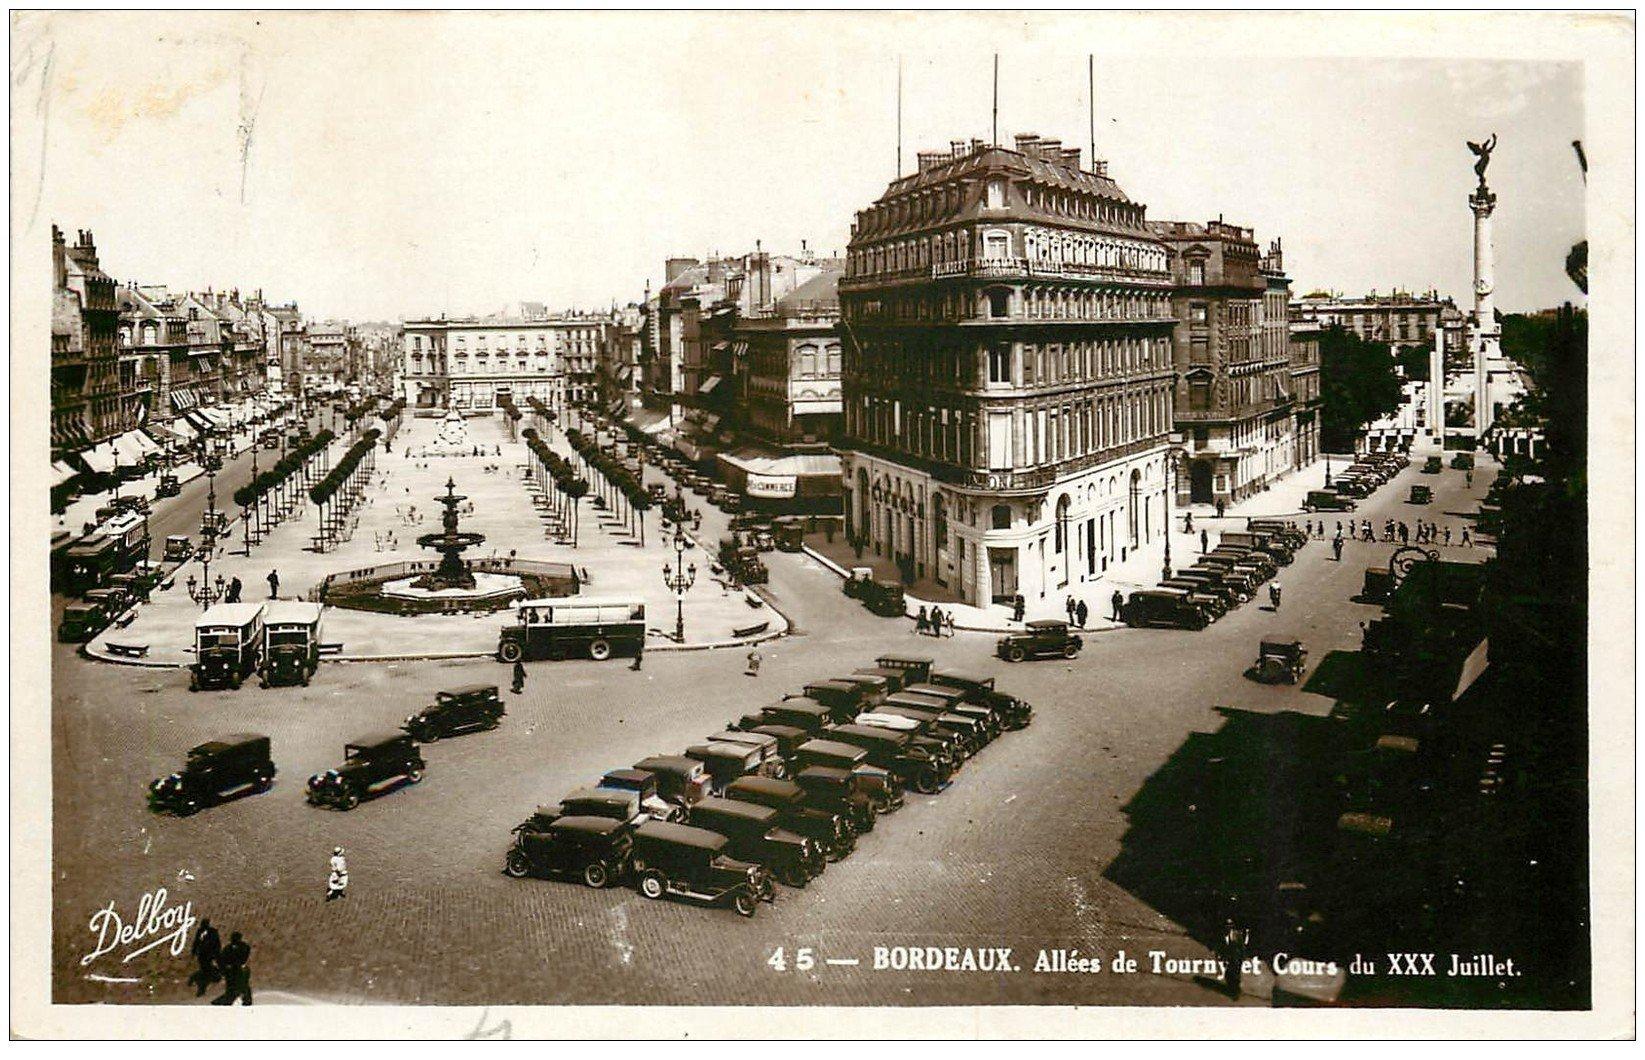 33 BORDEAUX. Allées Tourny 1937. Carte Photo émaillographie